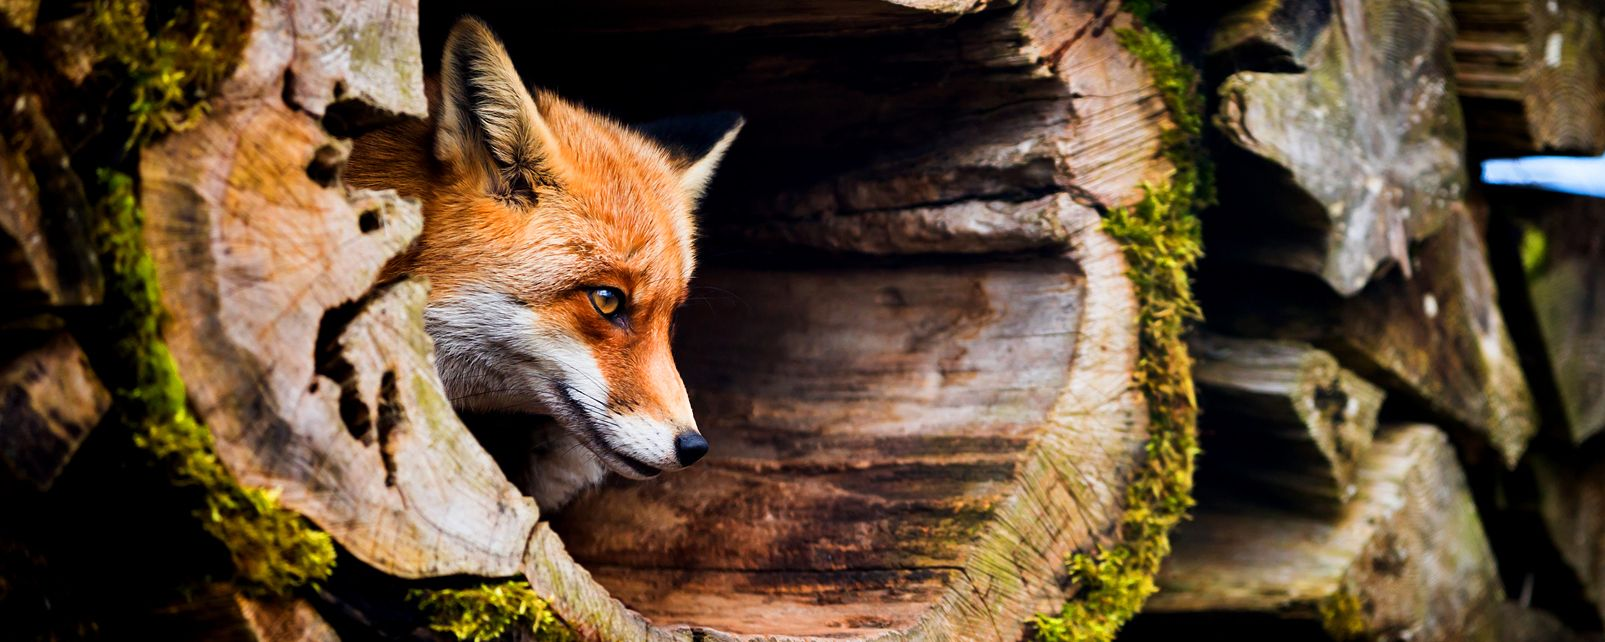 La fauna , Zorro, Hertfordshire, Inglaterra , Reino Unido